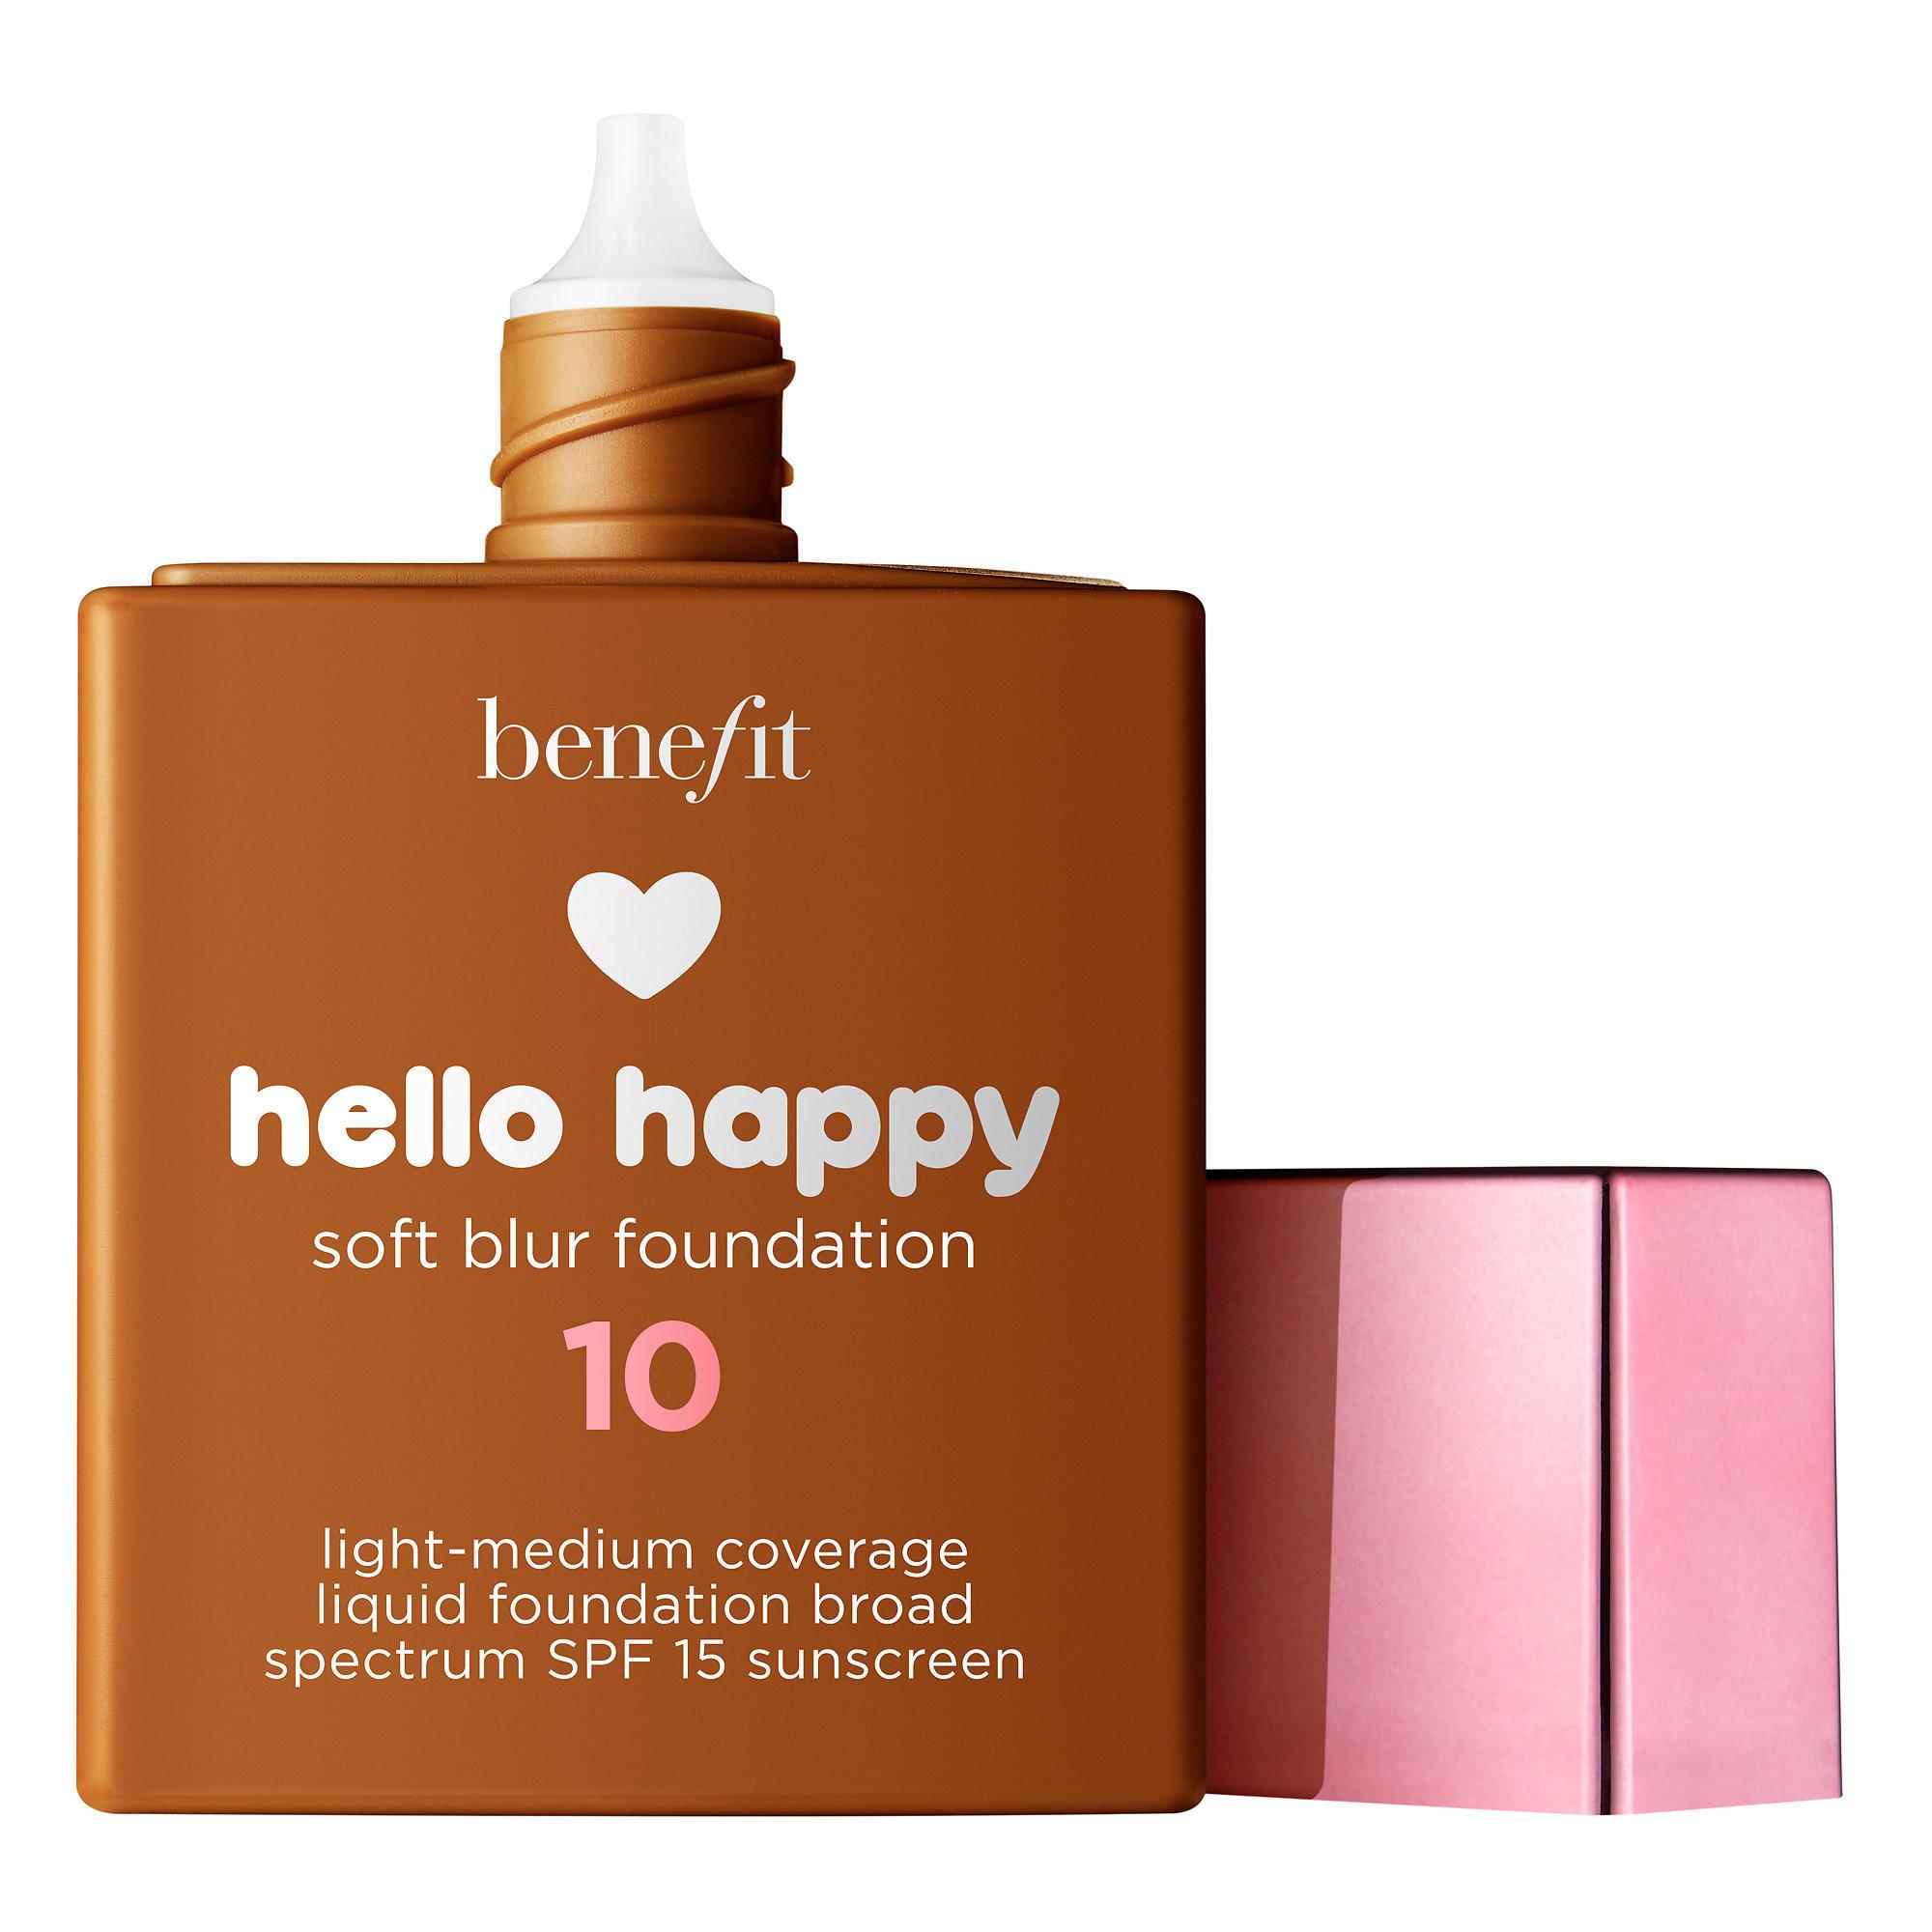 Benefit Hello Happy Soft Blur Foundation Deep Warm 10